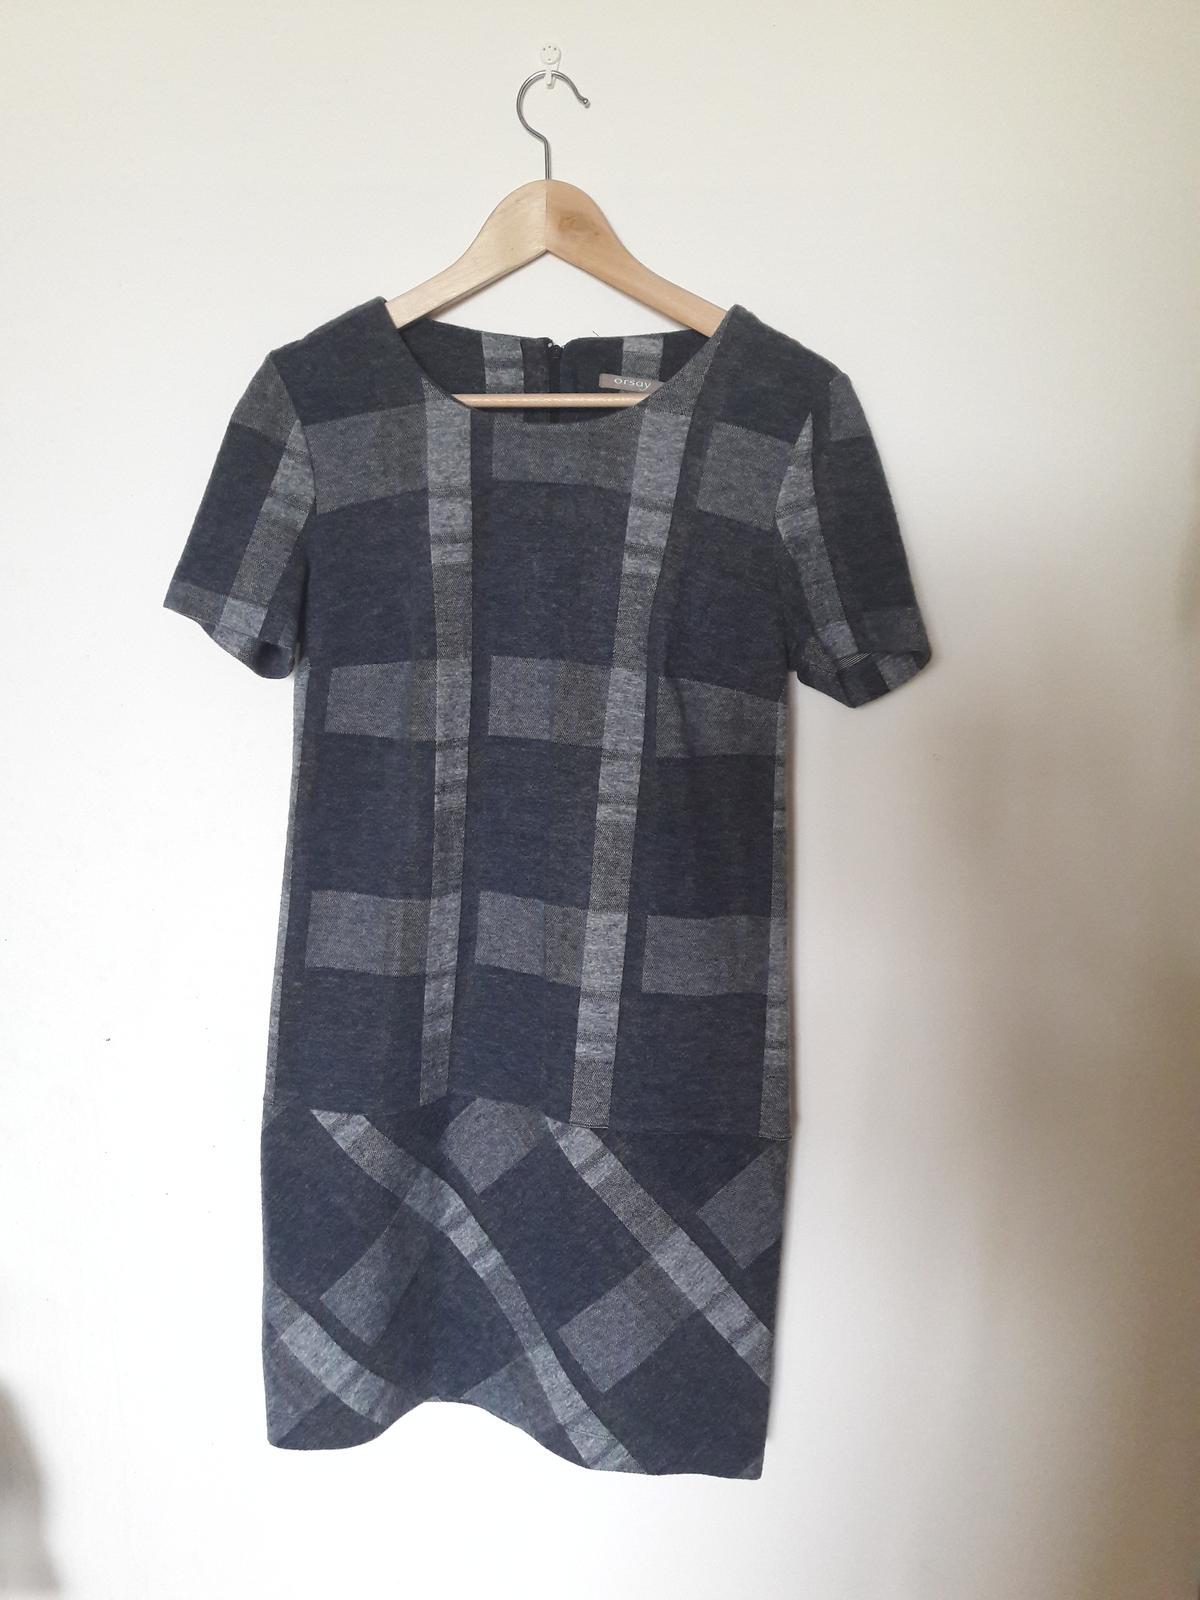 Šedé kárované šaty - Obrázek č. 1